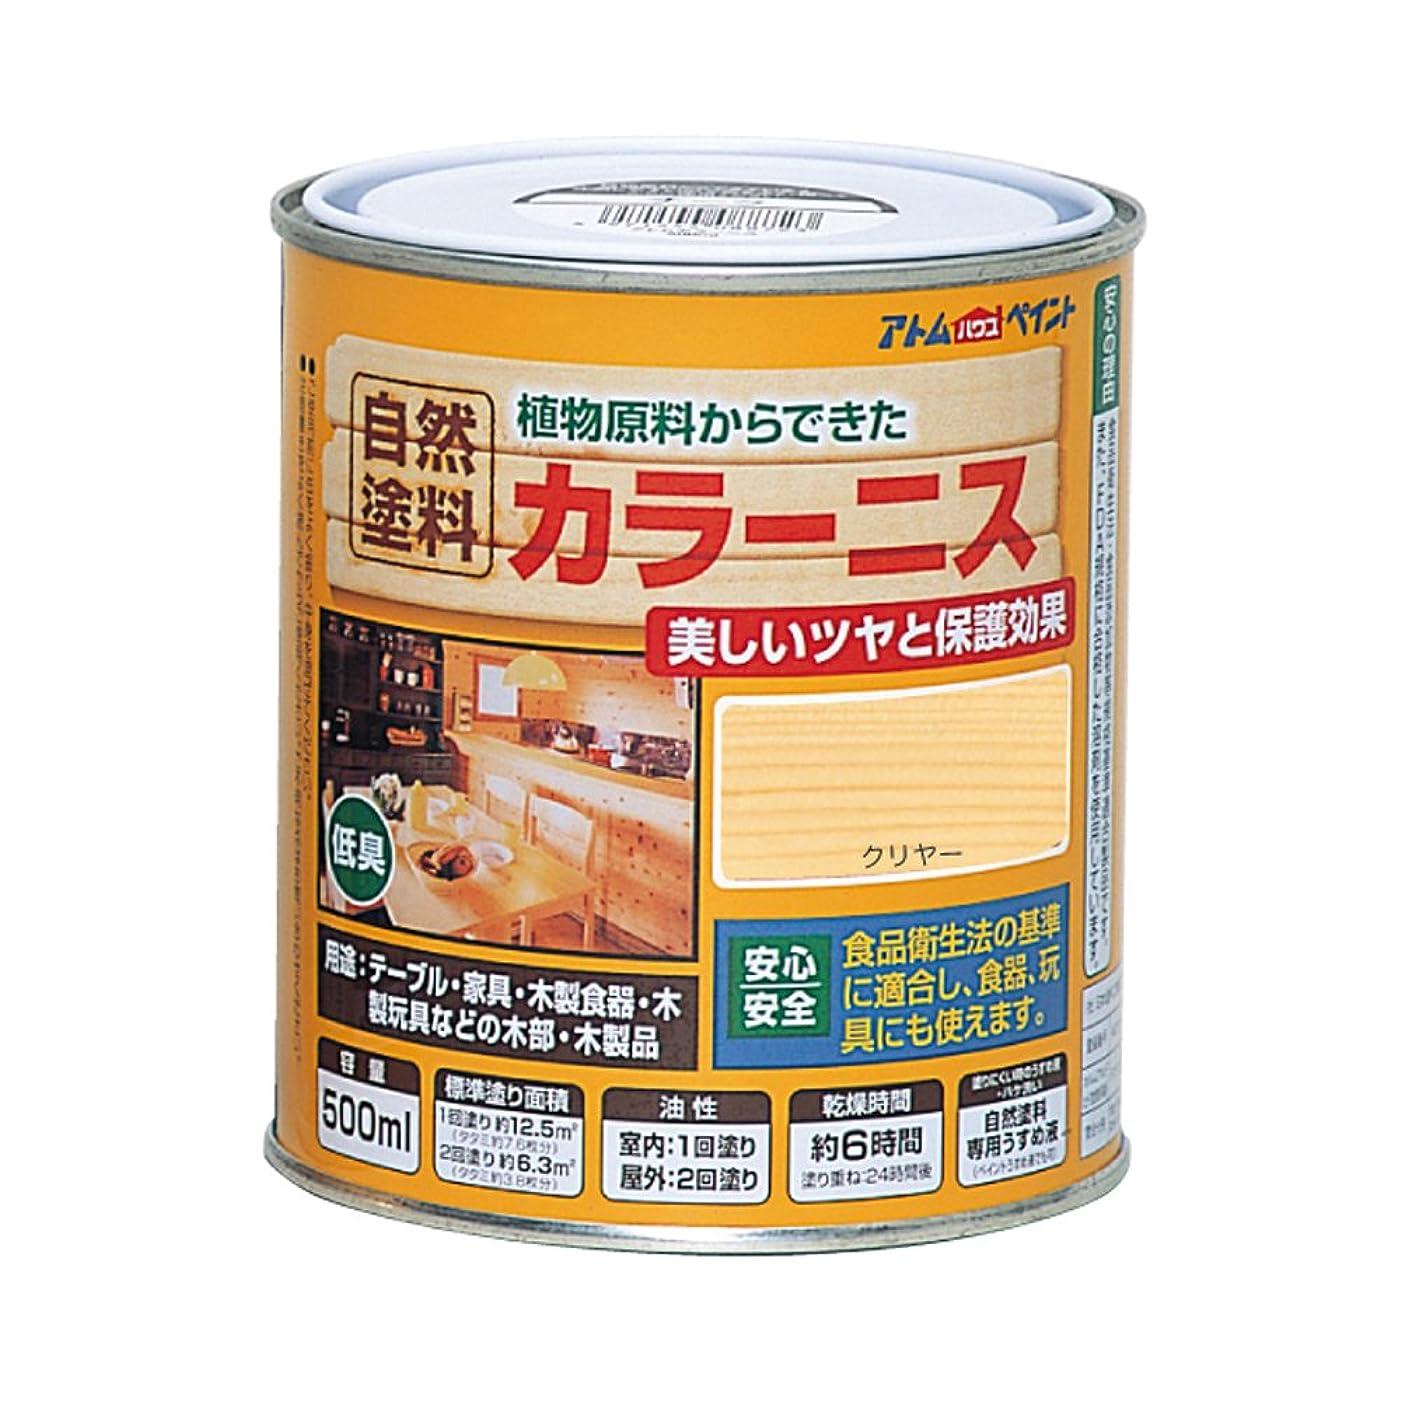 かんたん亡命パネルアトムハウスペイント 油性カラーニス(天然油脂ニス) 500ML クリヤー